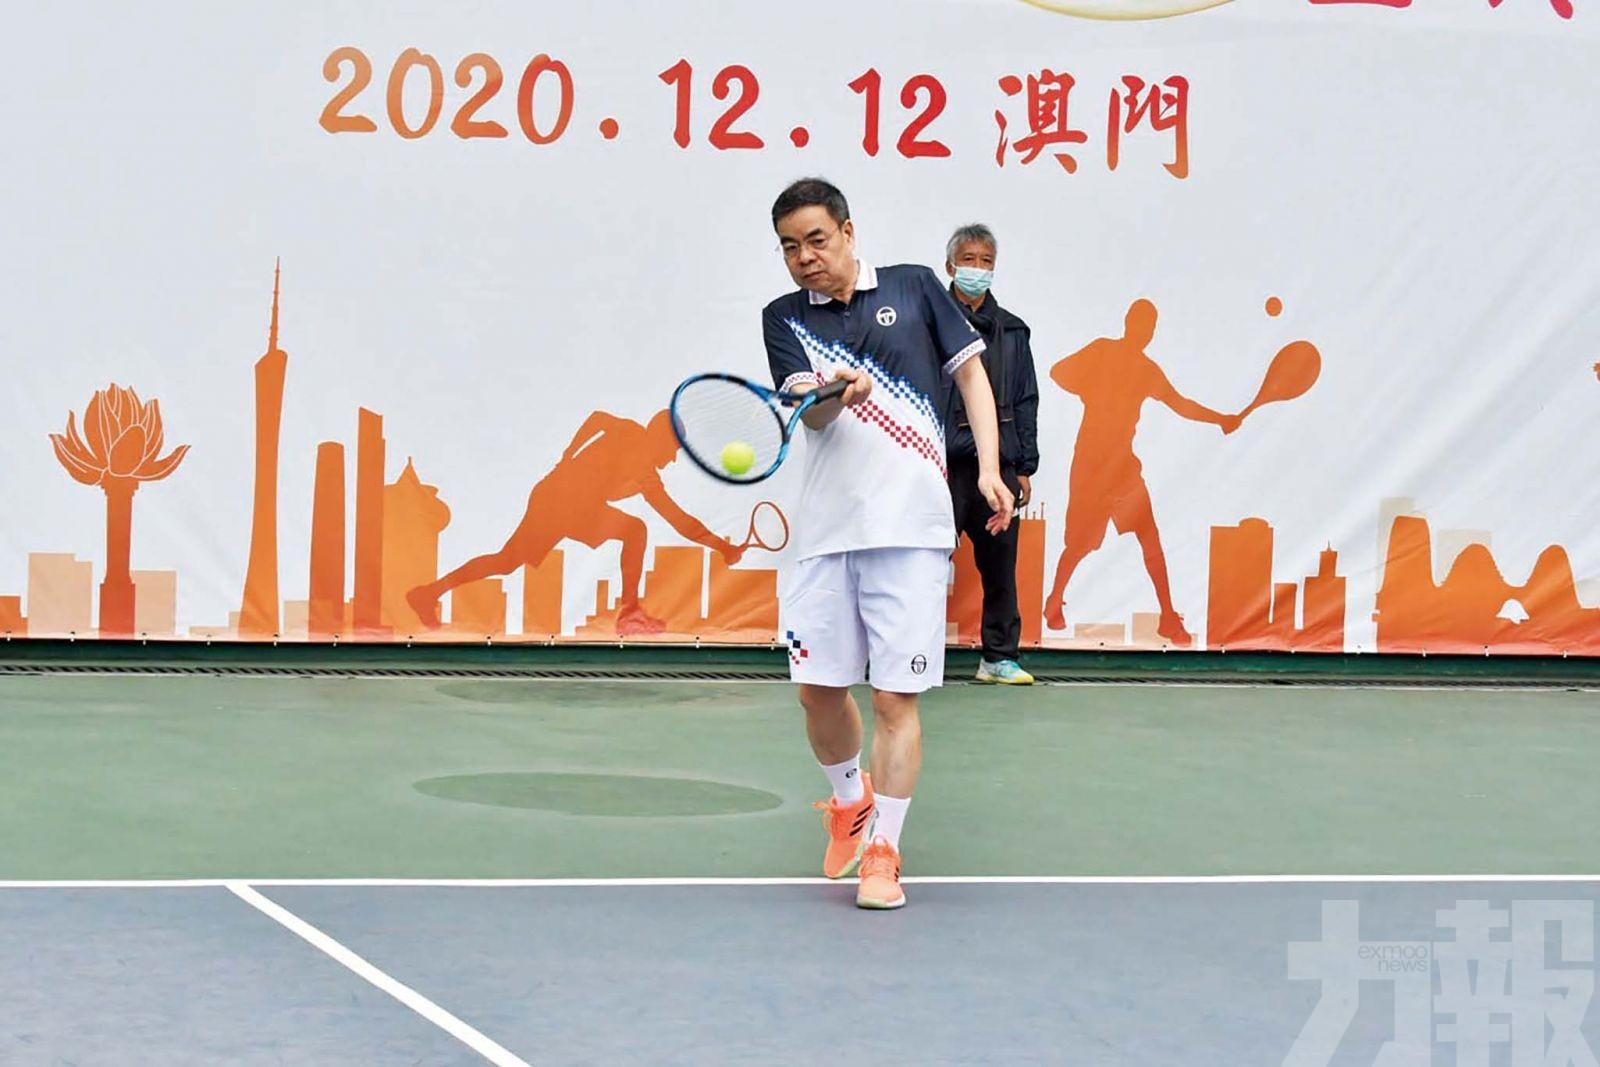 粵港澳大灣區網球友誼賽圓滿舉行